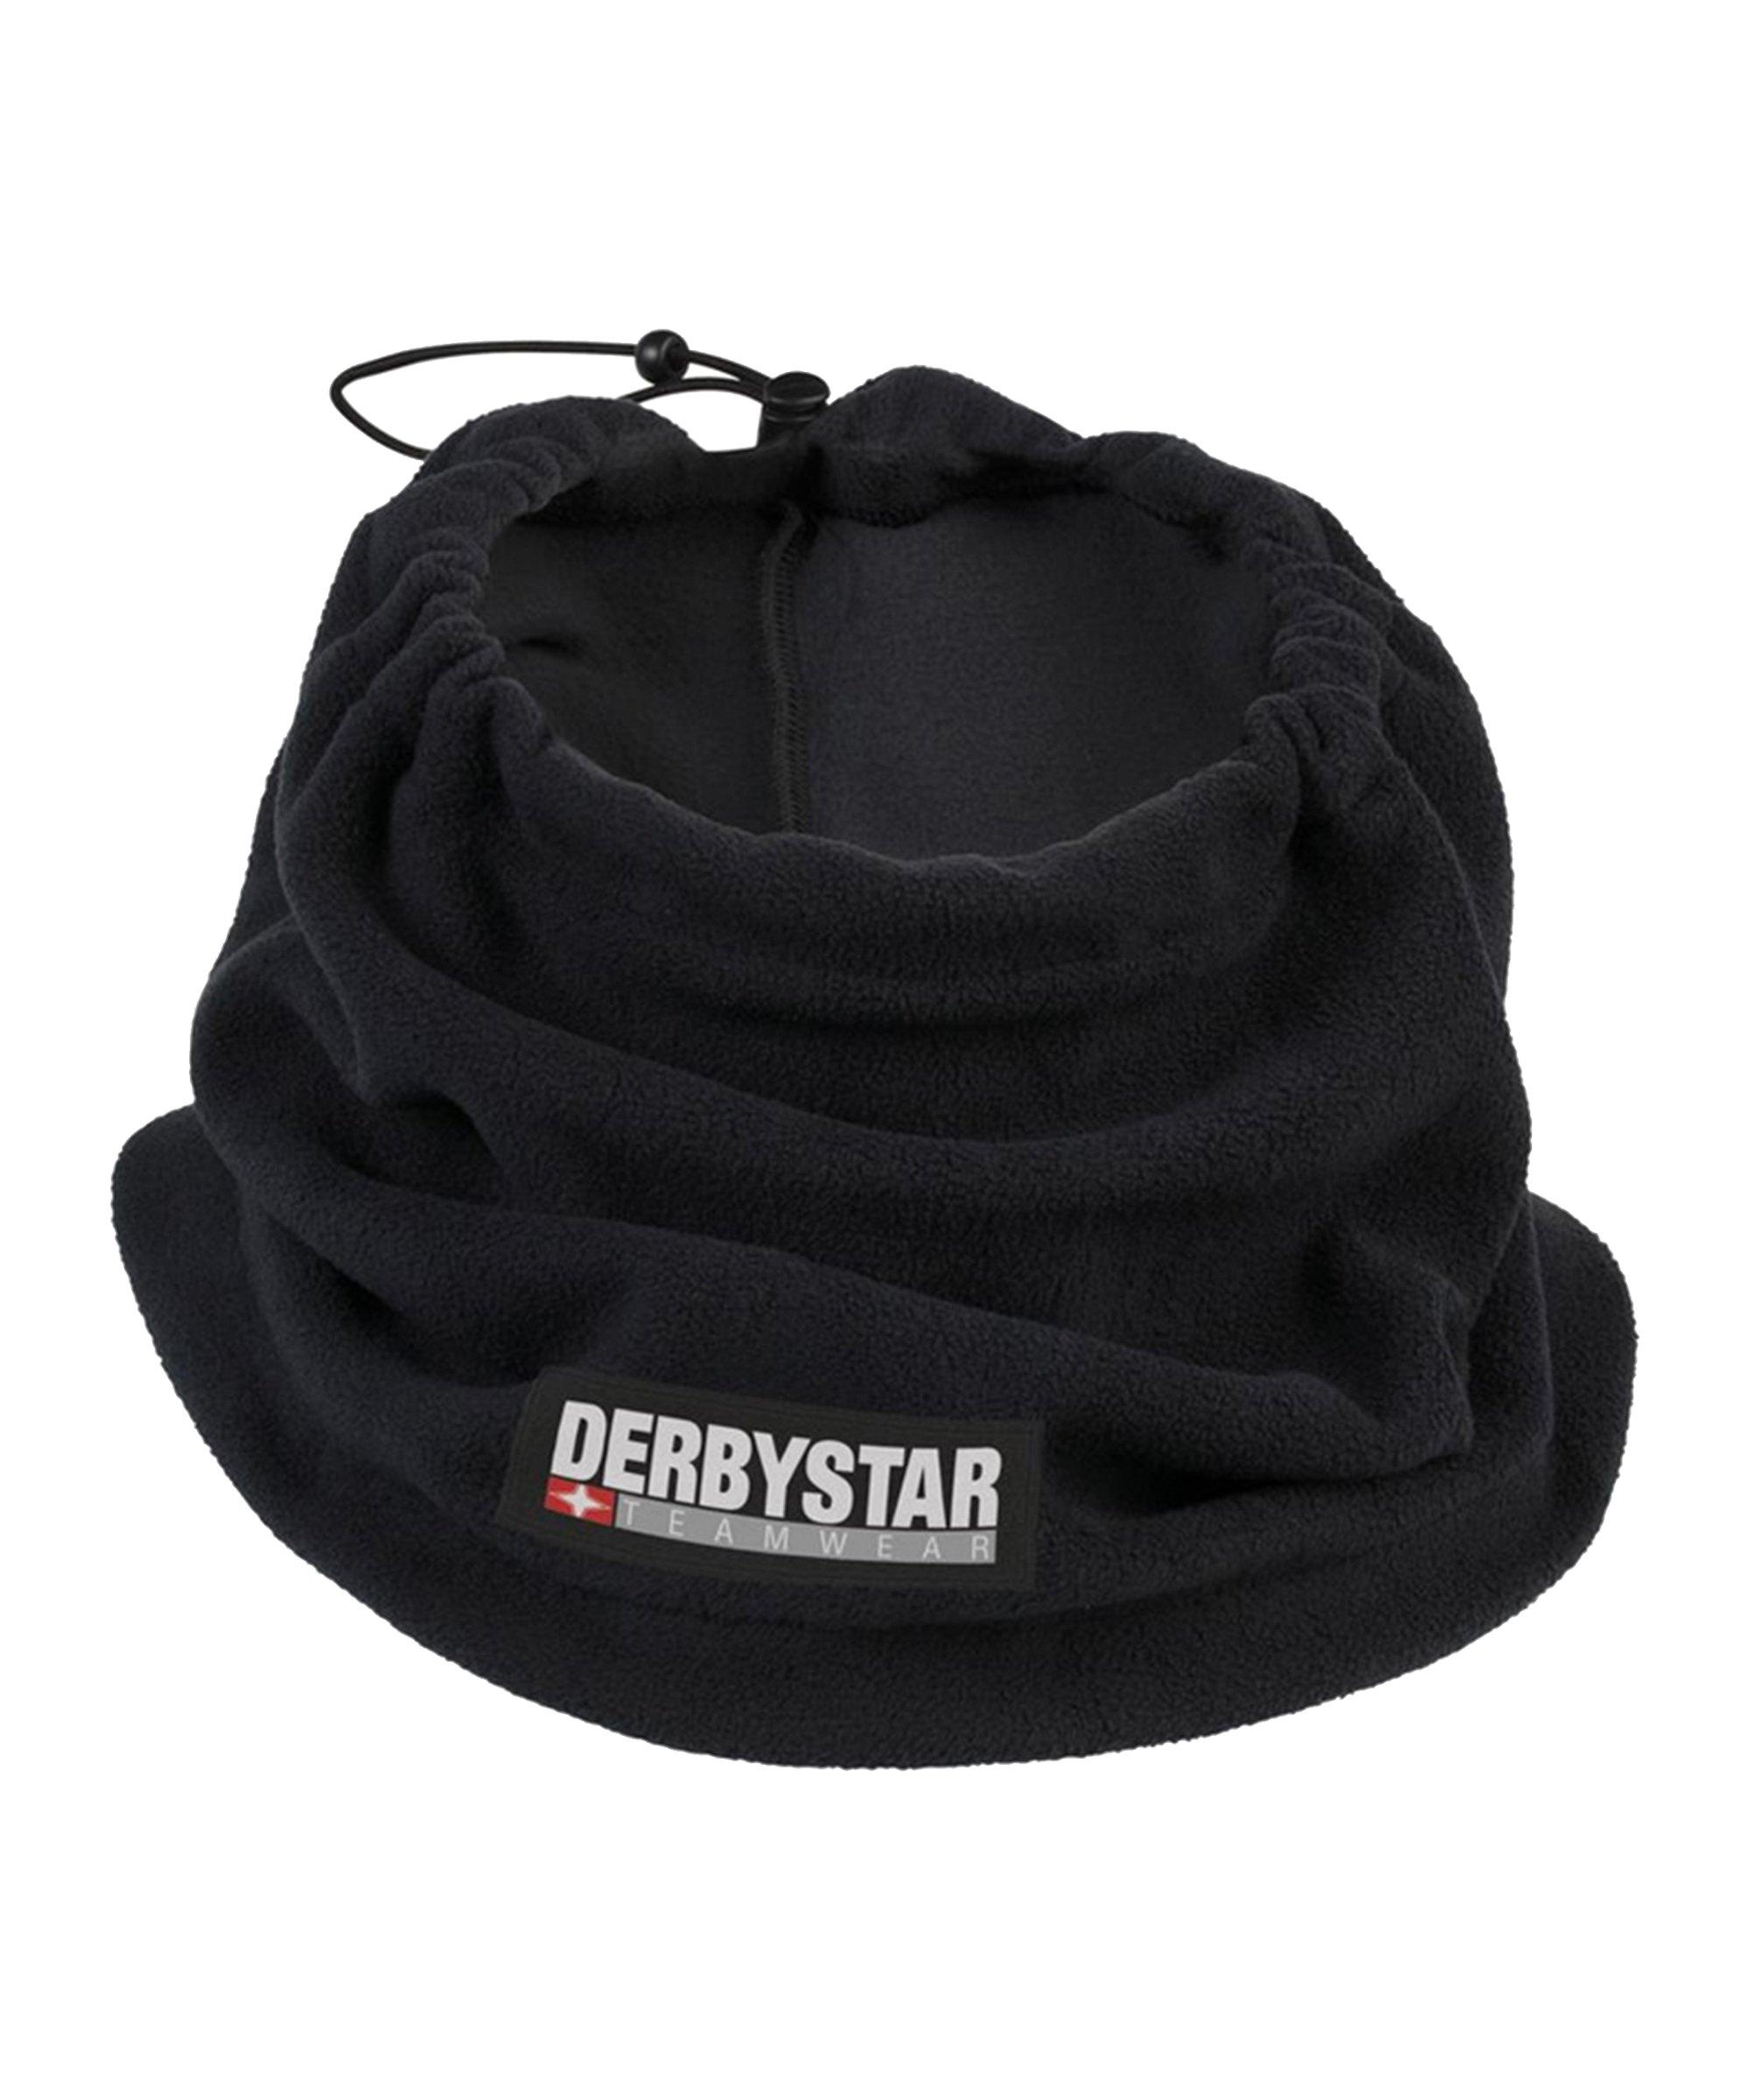 Derbystar Halswärmer Neckwarmer F200 - schwarz